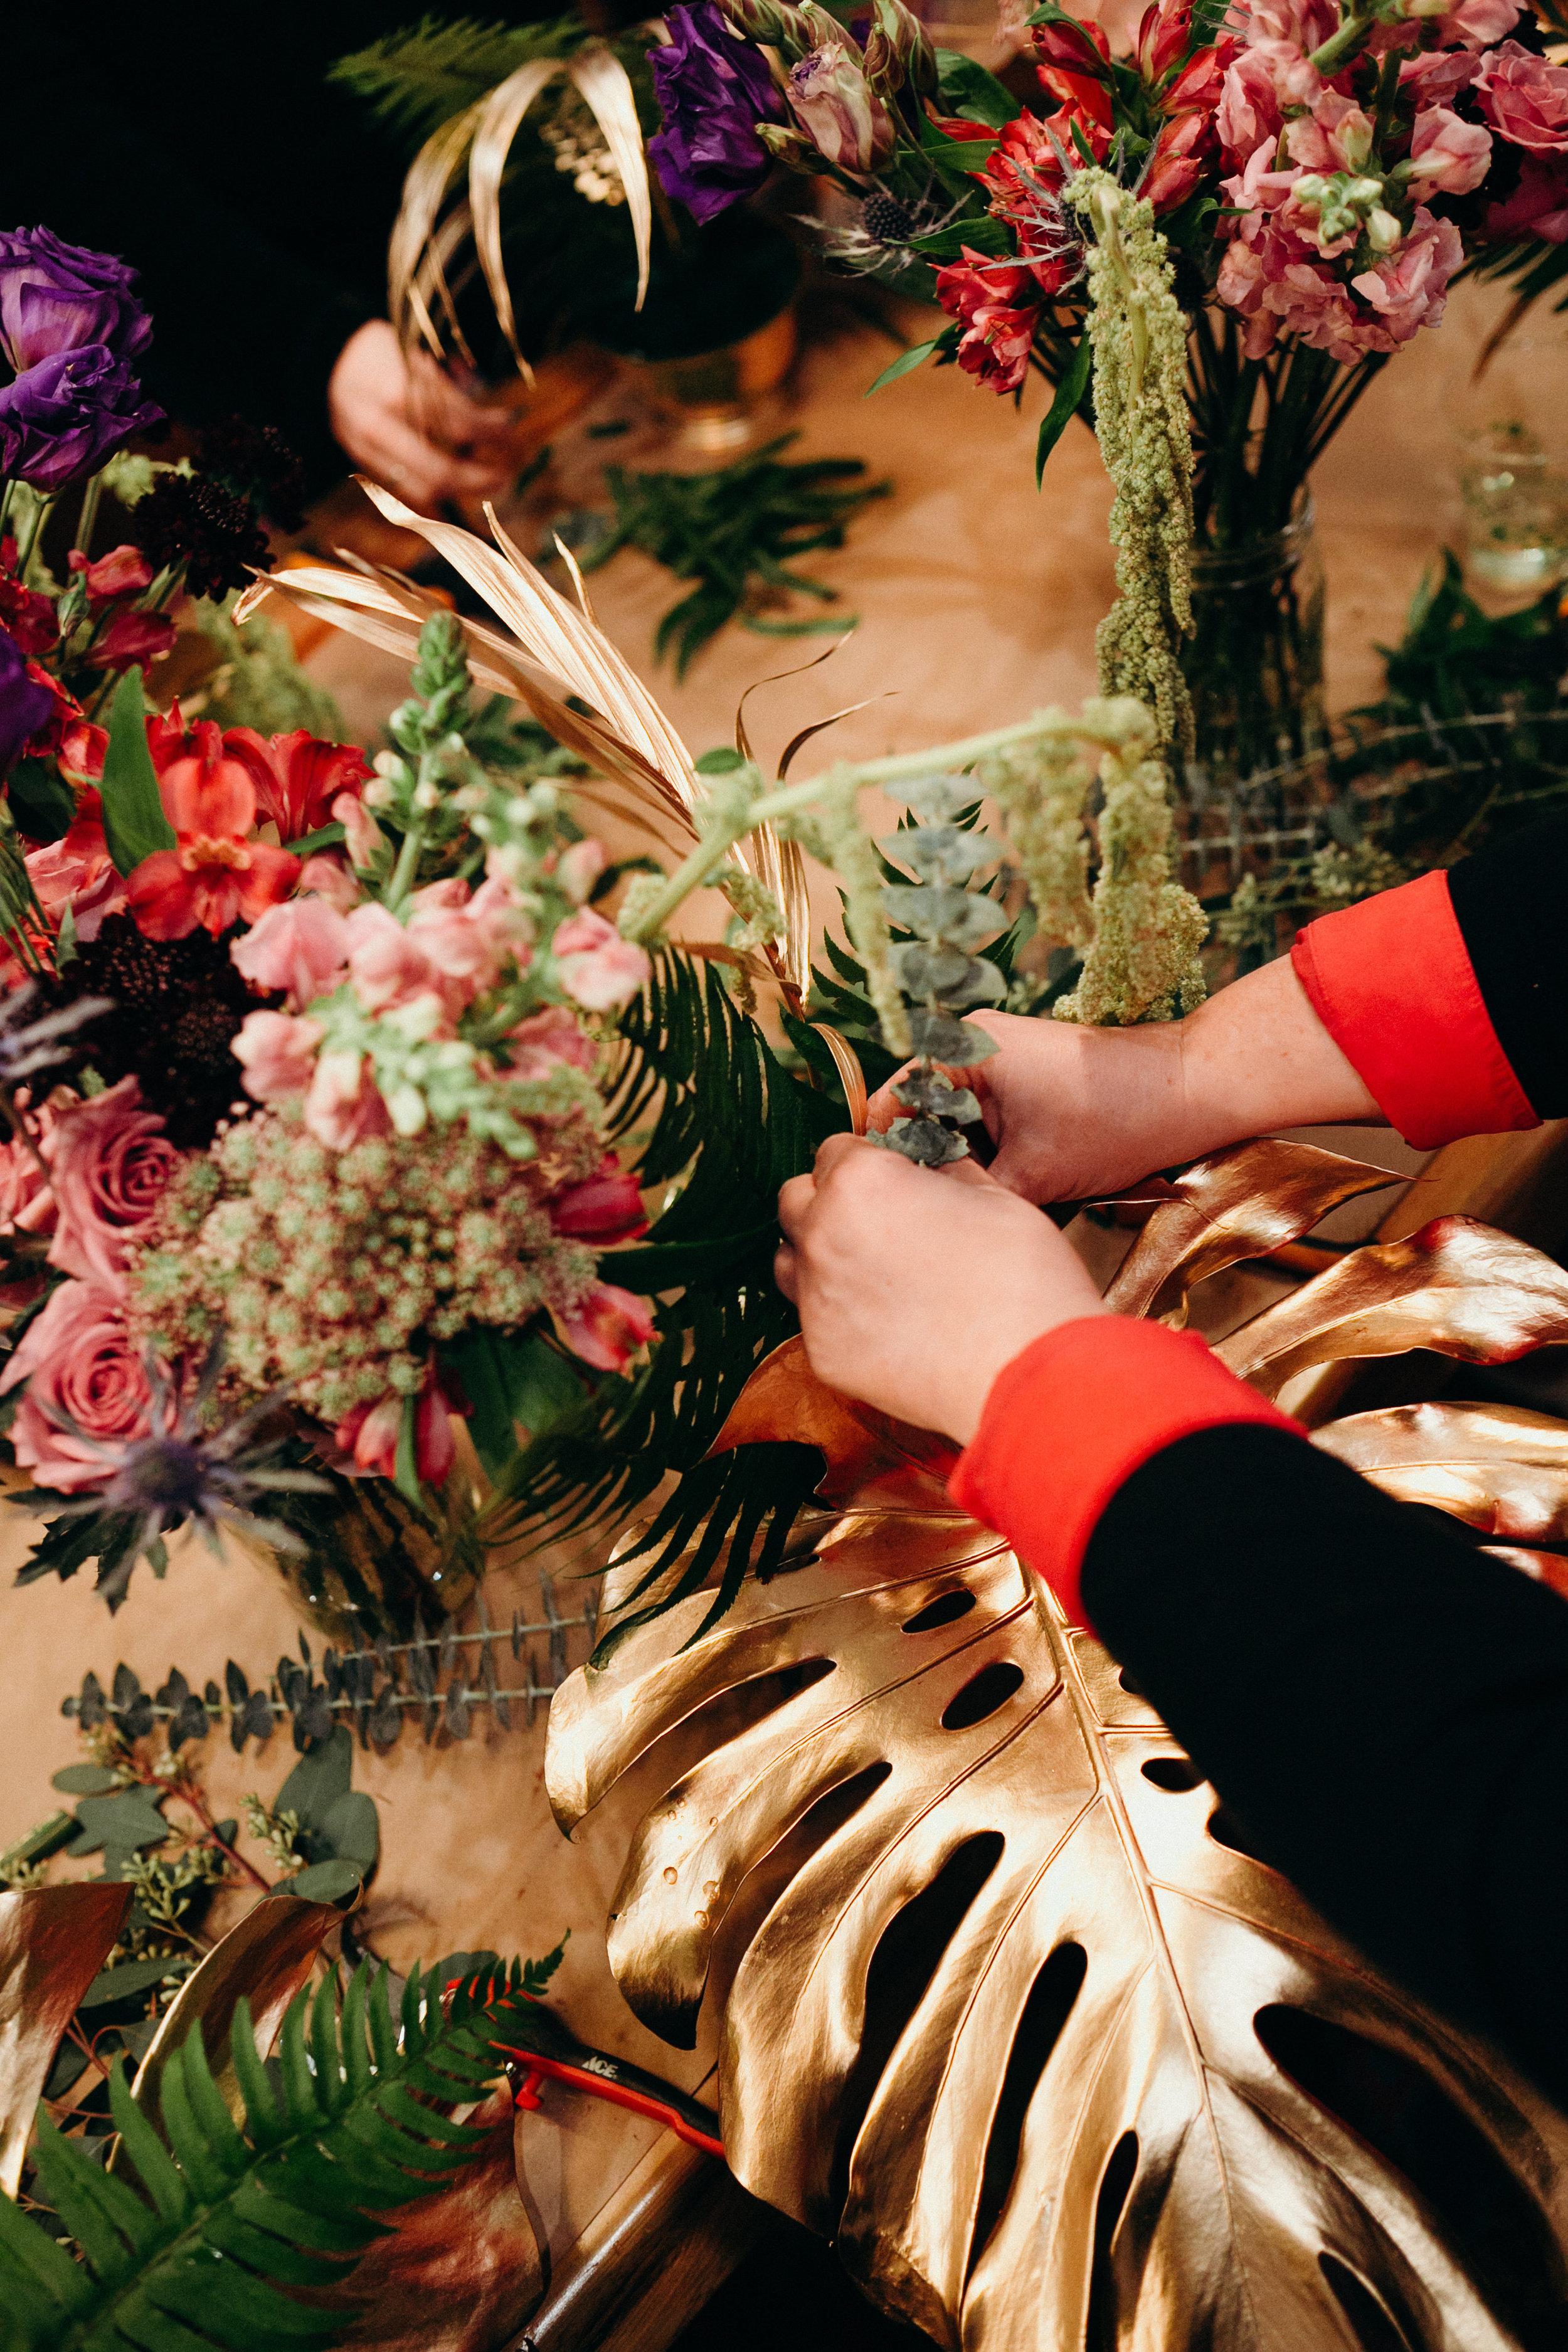 mardi gras floral arrangement